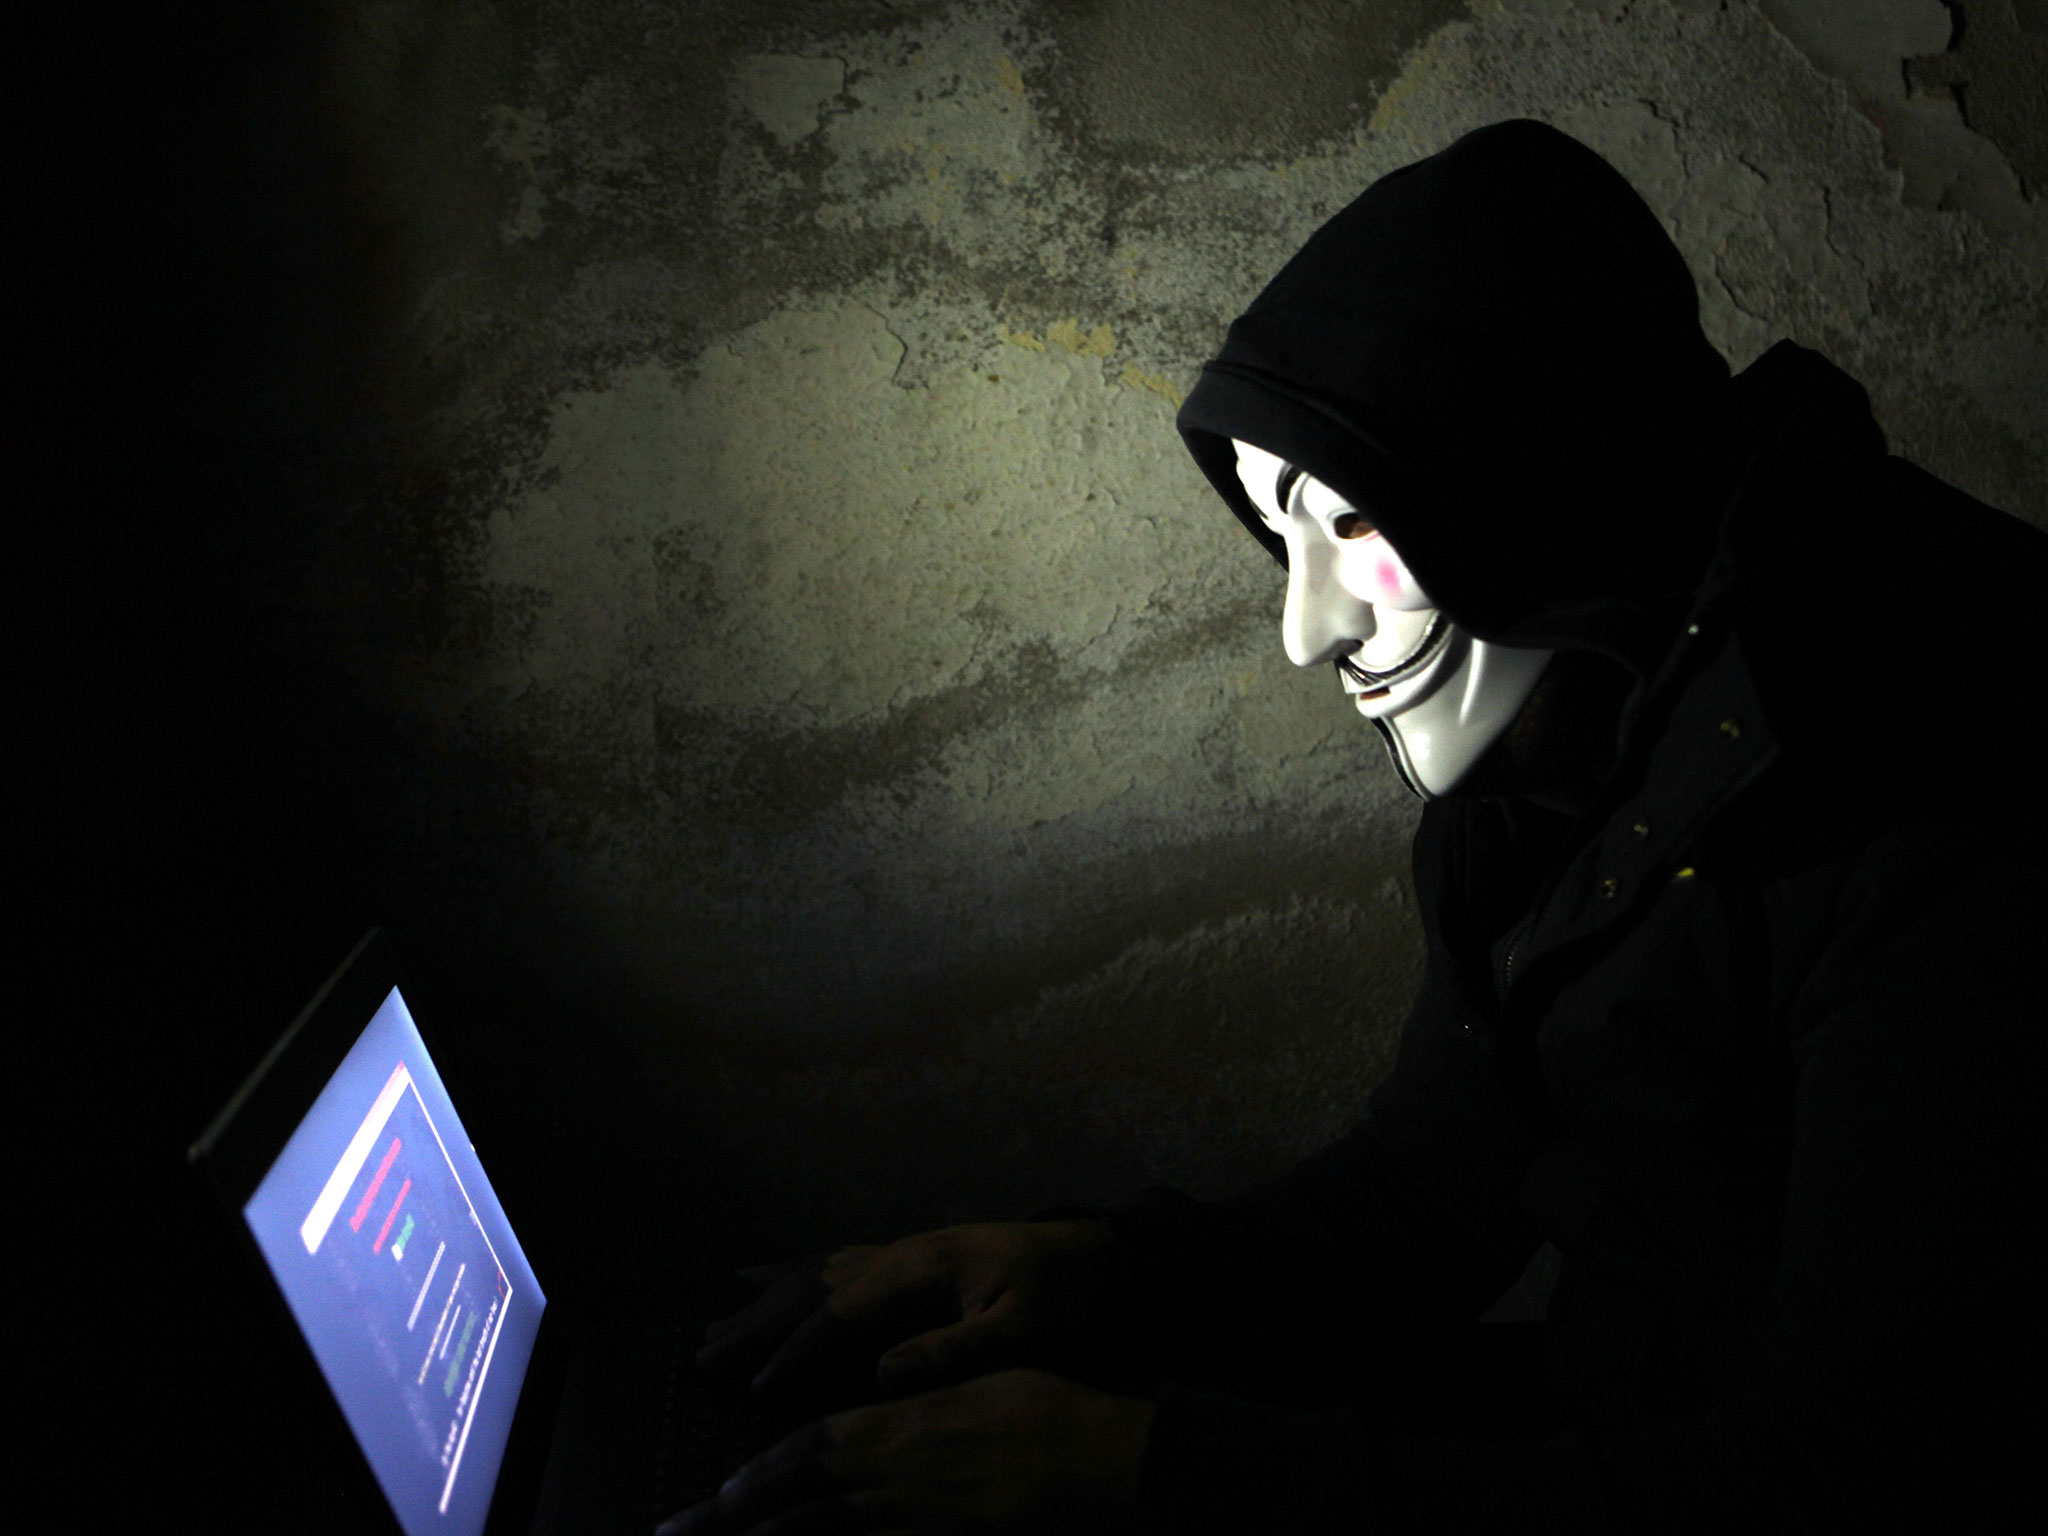 Terrorismo, la rete criptata: così la cyber-jihad comunica con i lupi solitari in Europa